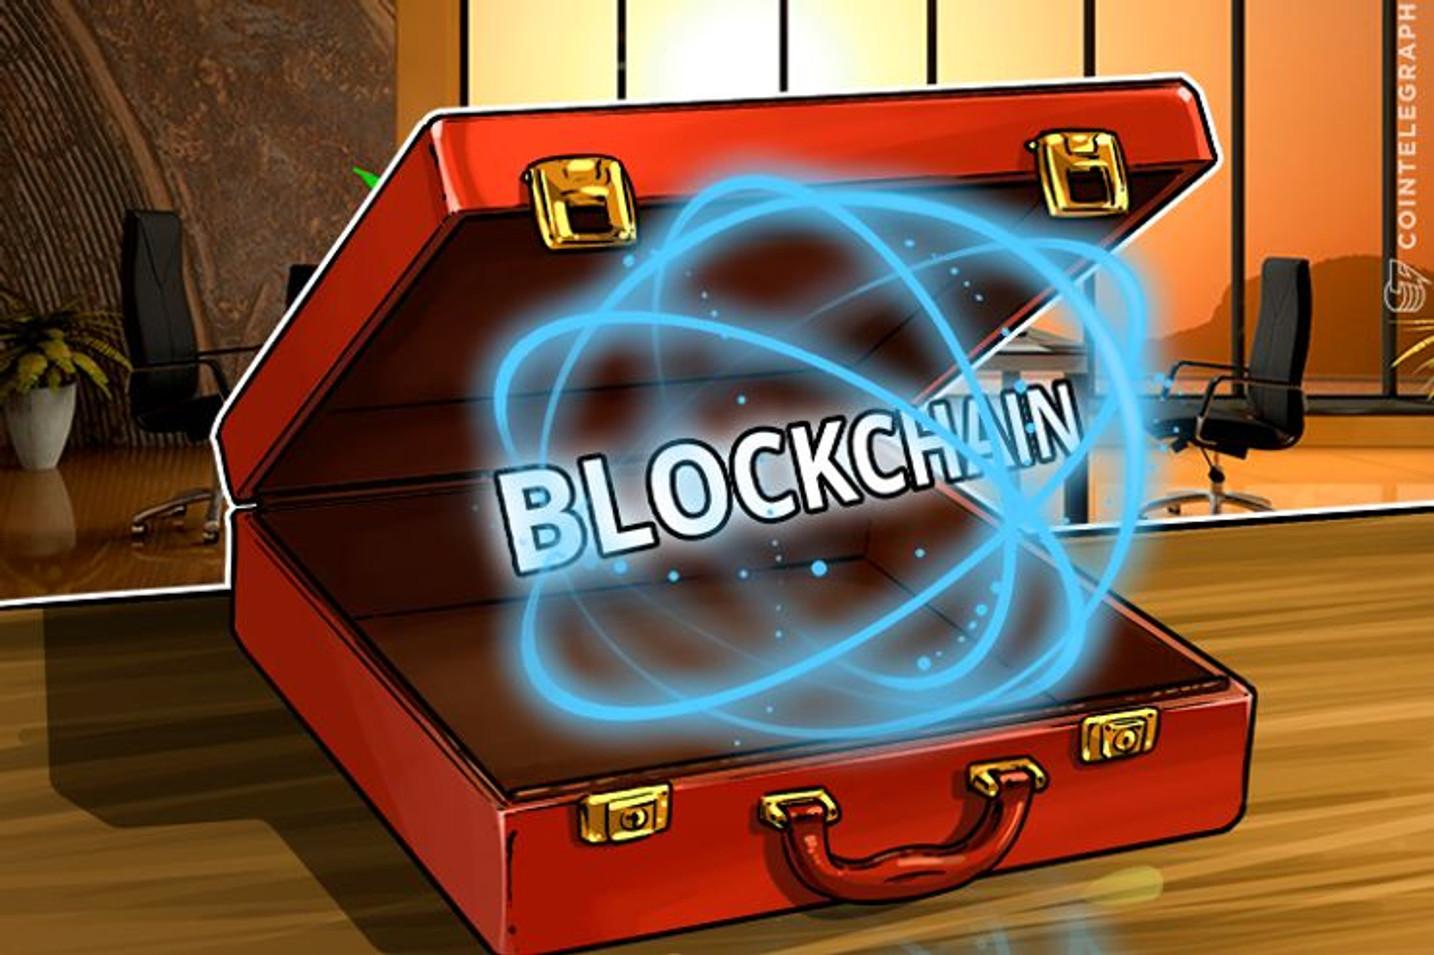 Afirman que 2019 fue positivo para el desarrollo de blockchain en Colombia